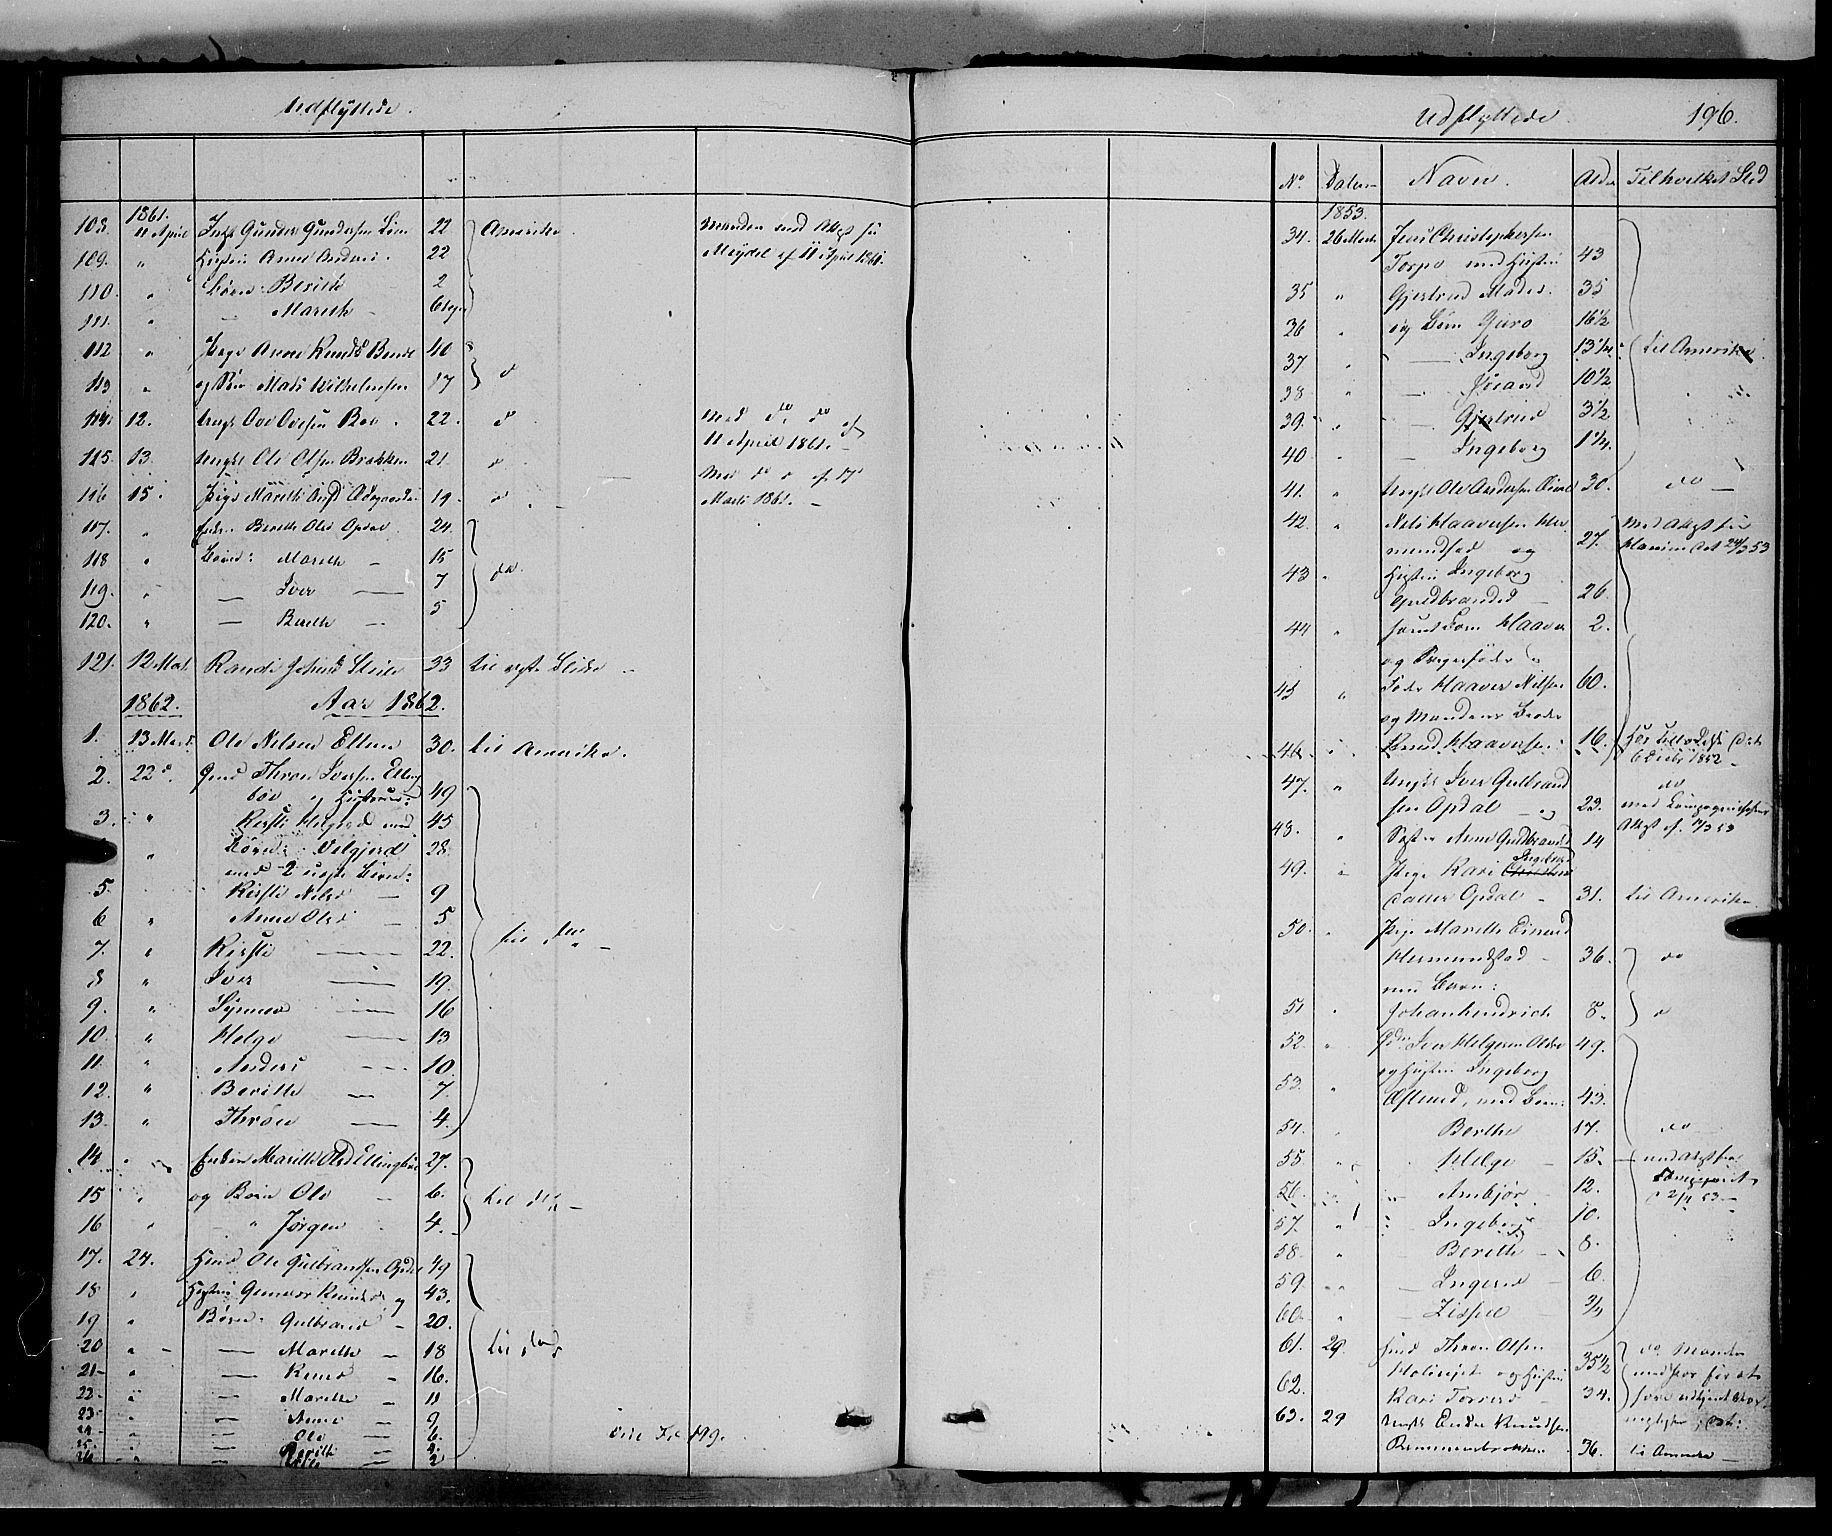 SAH, Vang prestekontor, Valdres, Ministerialbok nr. 6, 1846-1864, s. 196